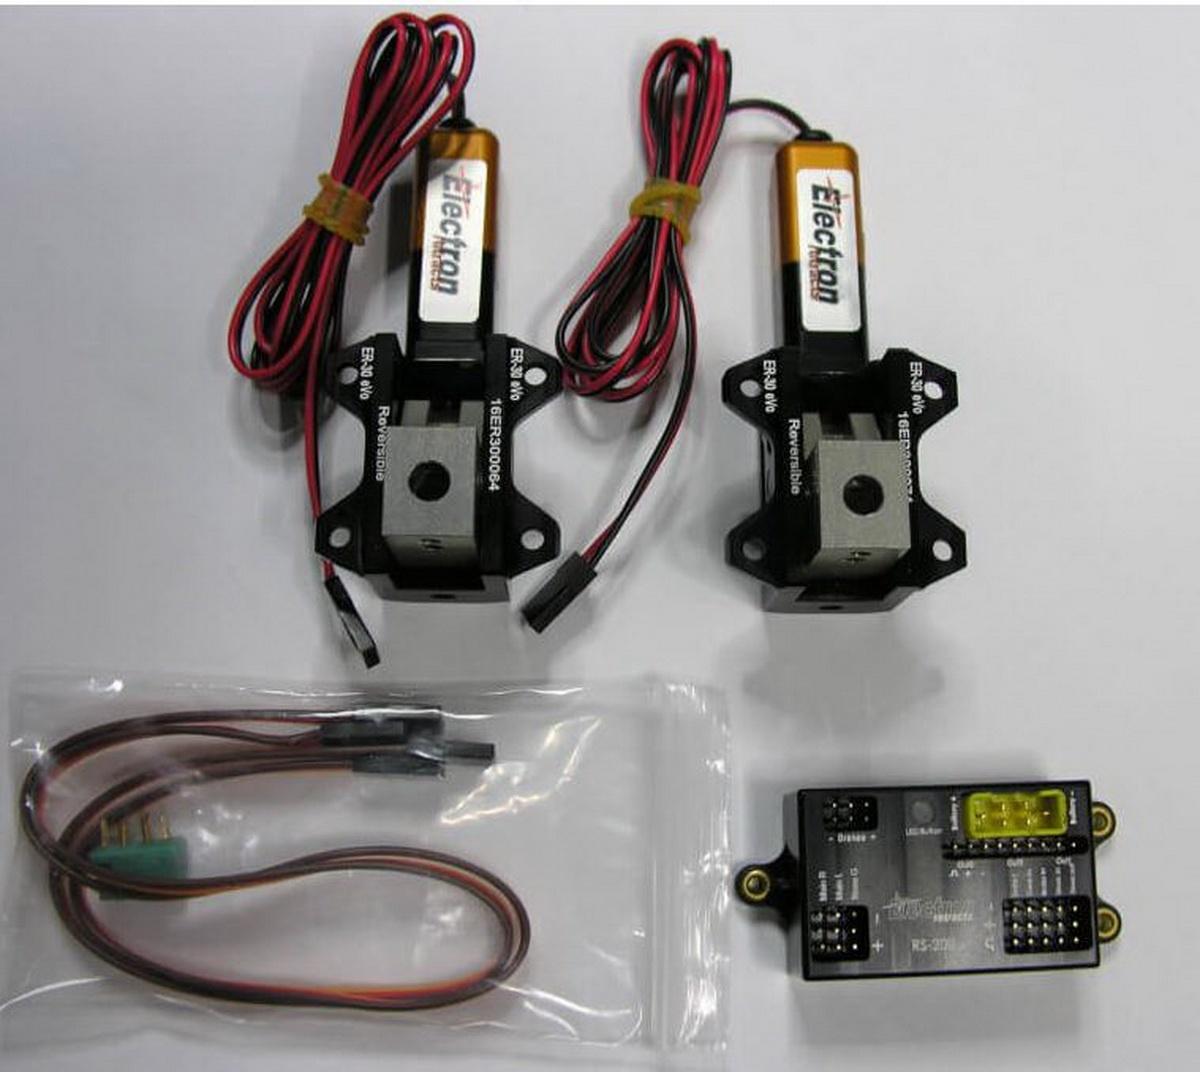 Einziehfahrwerk ER-30 eVo 2-Bein Elektronik RS-200